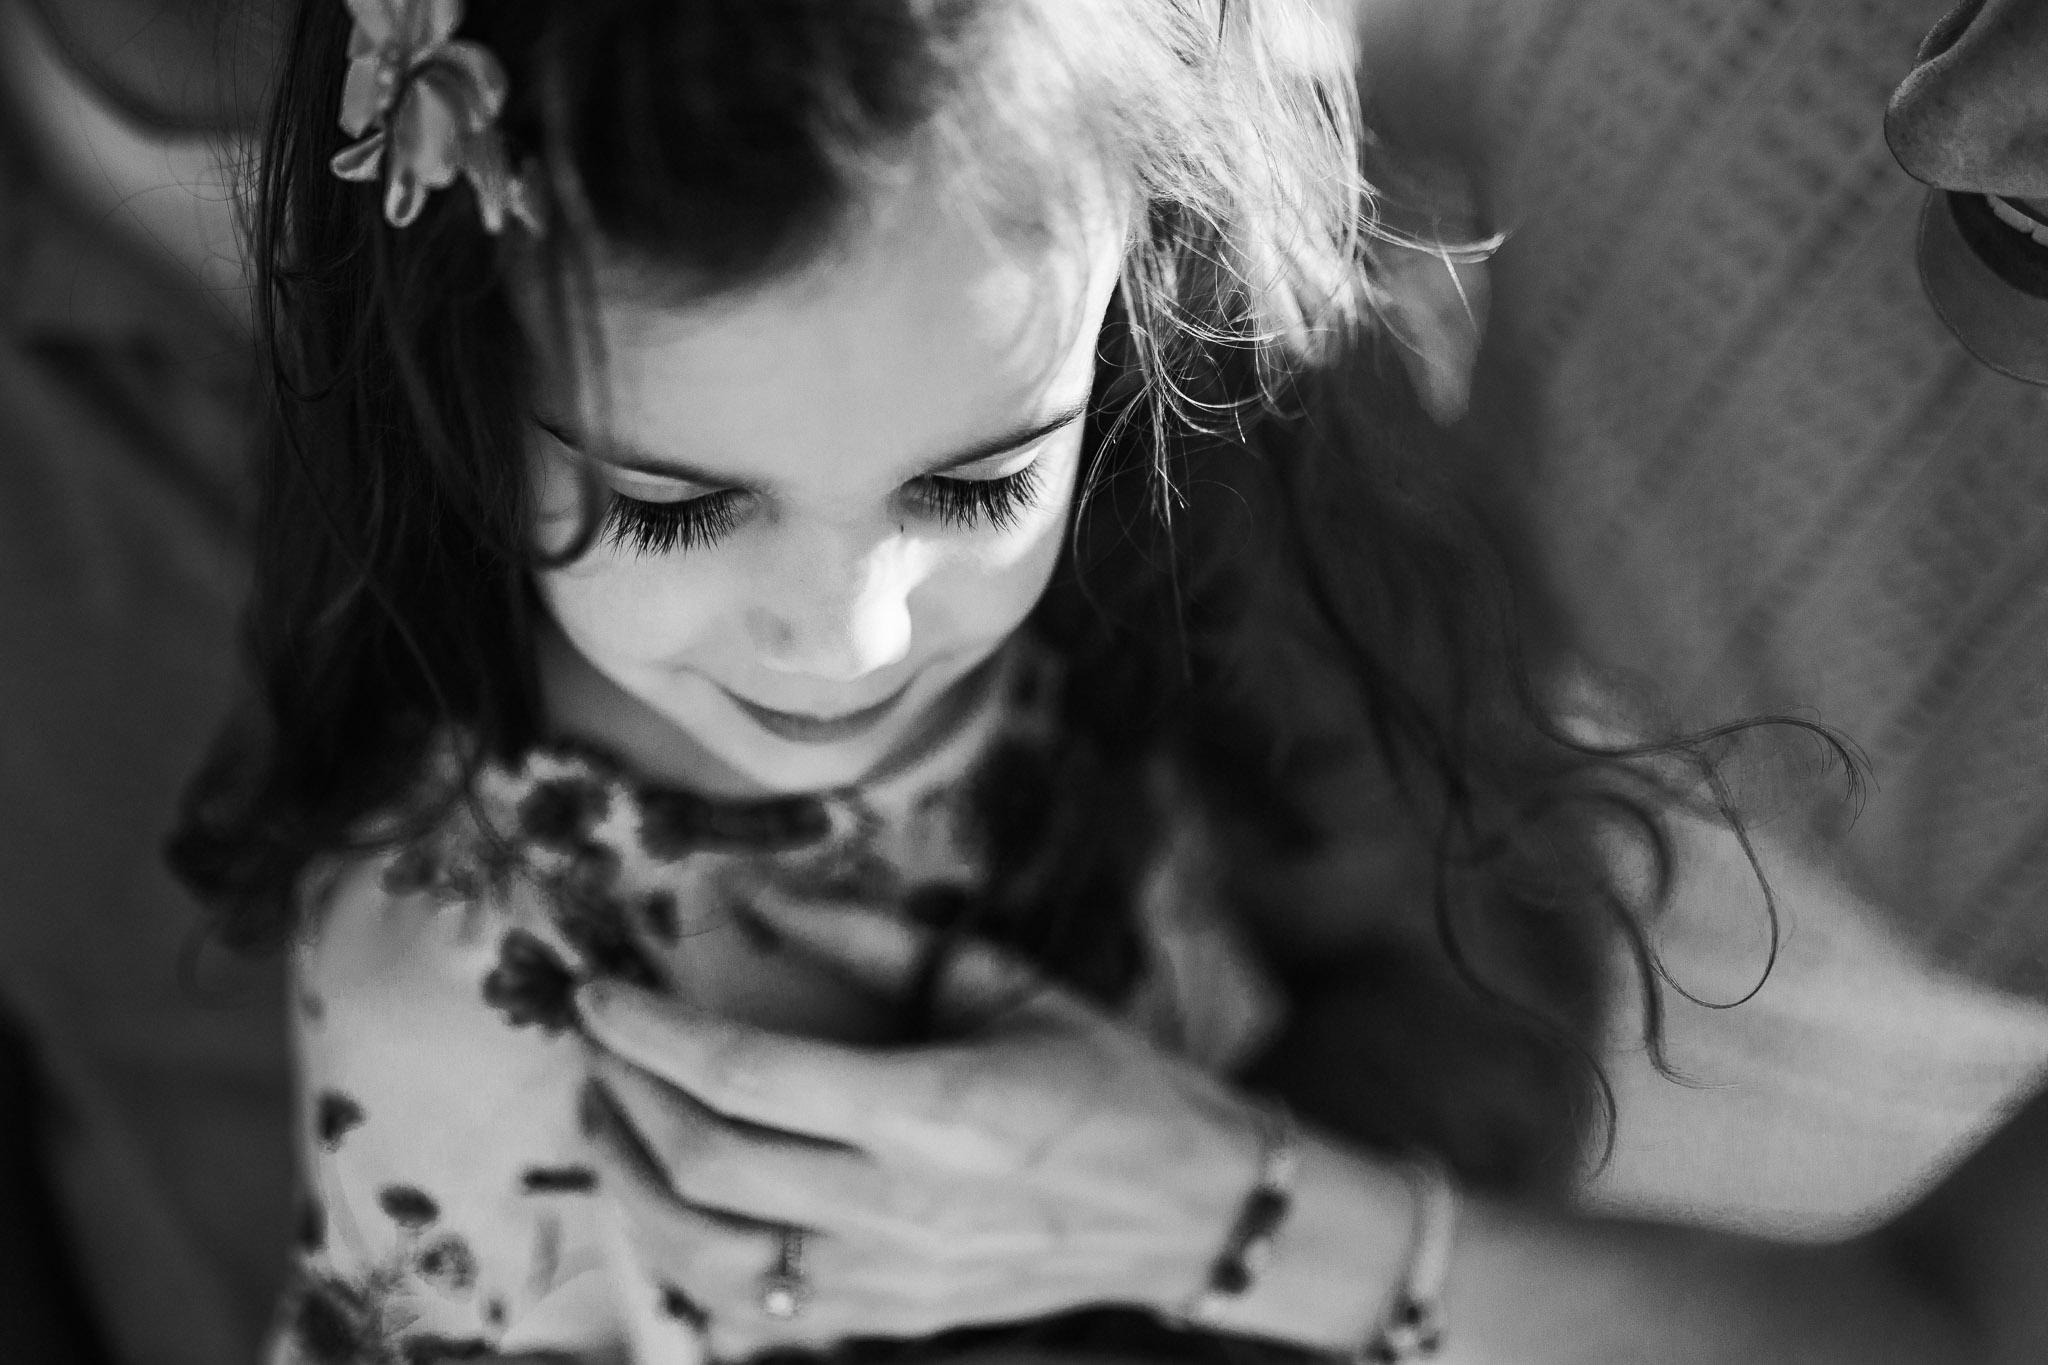 Black and white; close up of girl's eyelashes